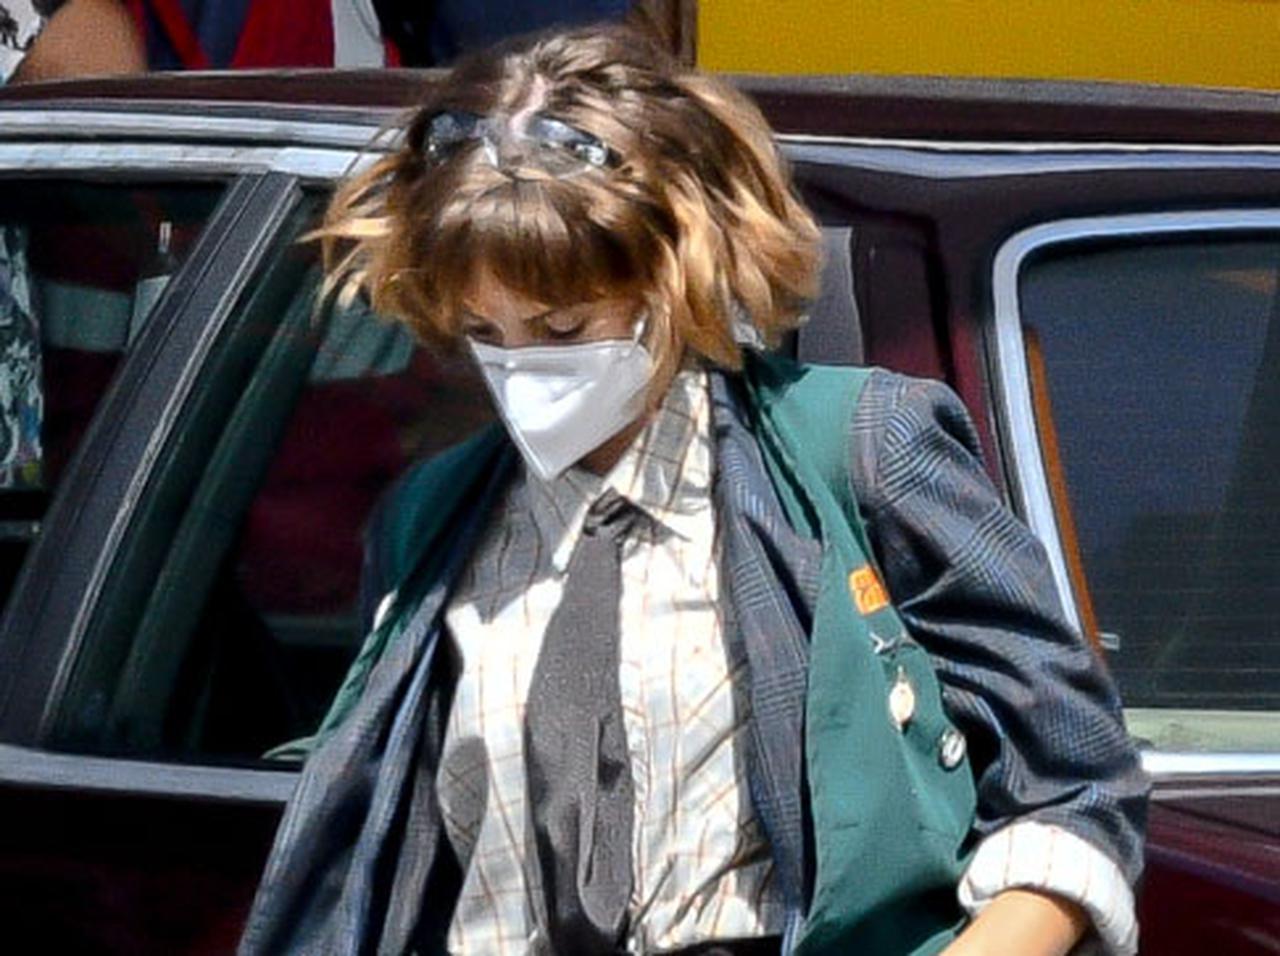 画像: 『ストレンジャー・シングス』シーズン4、ロビンの衣装が可愛い!撮影の様子をキャッチ - フロントロウ -海外セレブ情報を発信